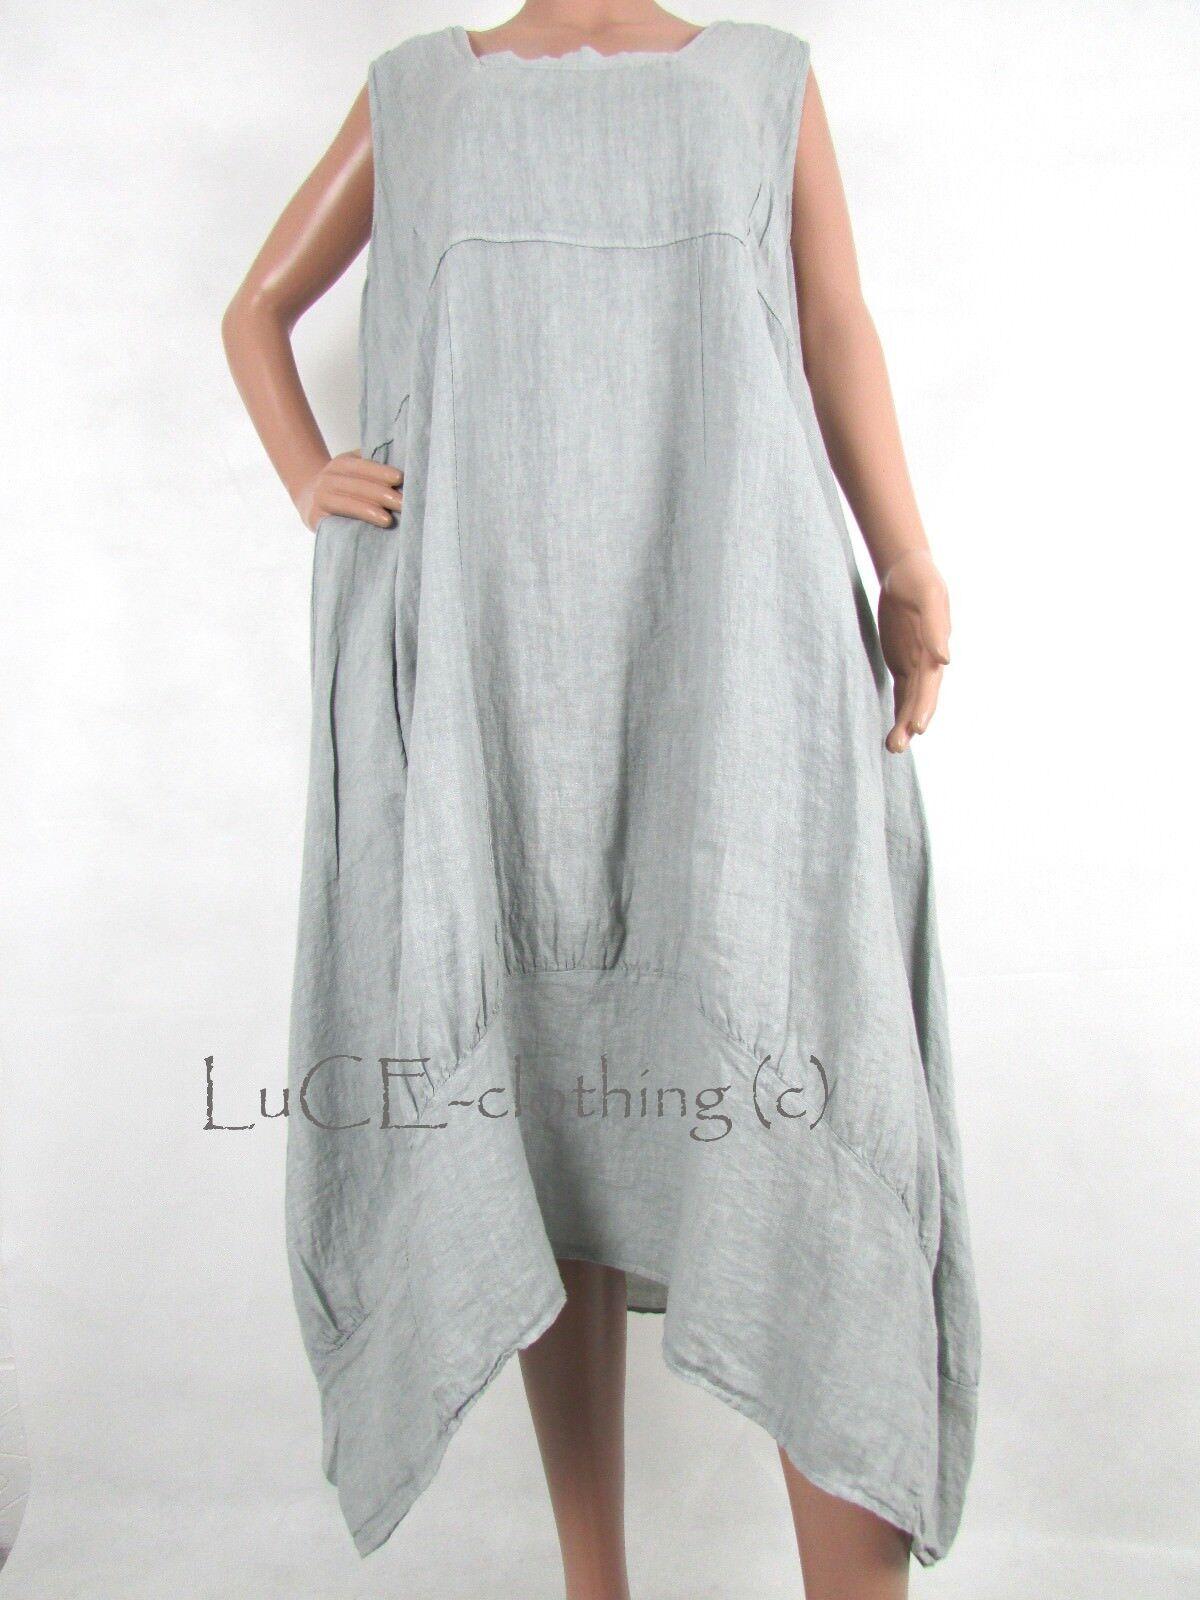 NEW Italian Linen OverGröße Lagenlook Plus Parachute Maxi Dress | | | Deutschland Store  b43a9e